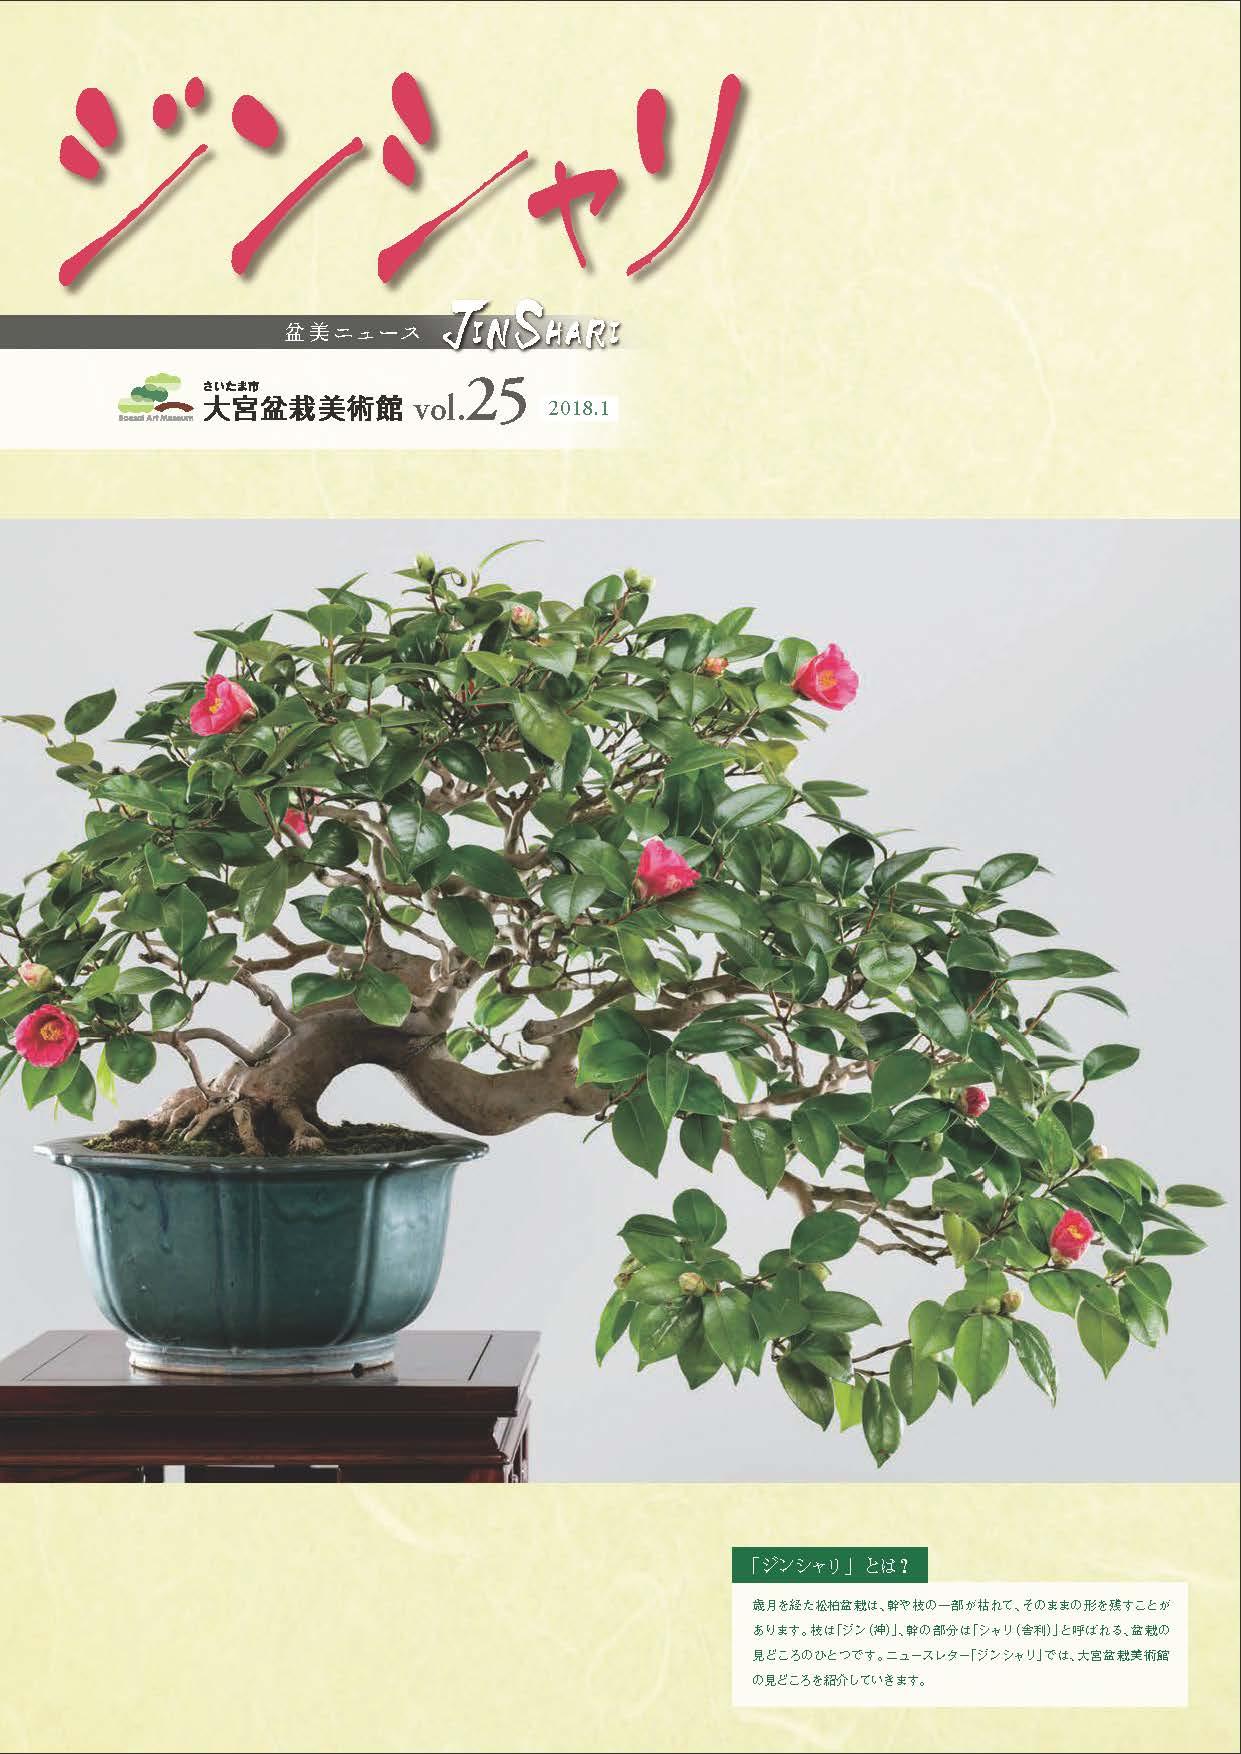 ジンシャリ Vol.25